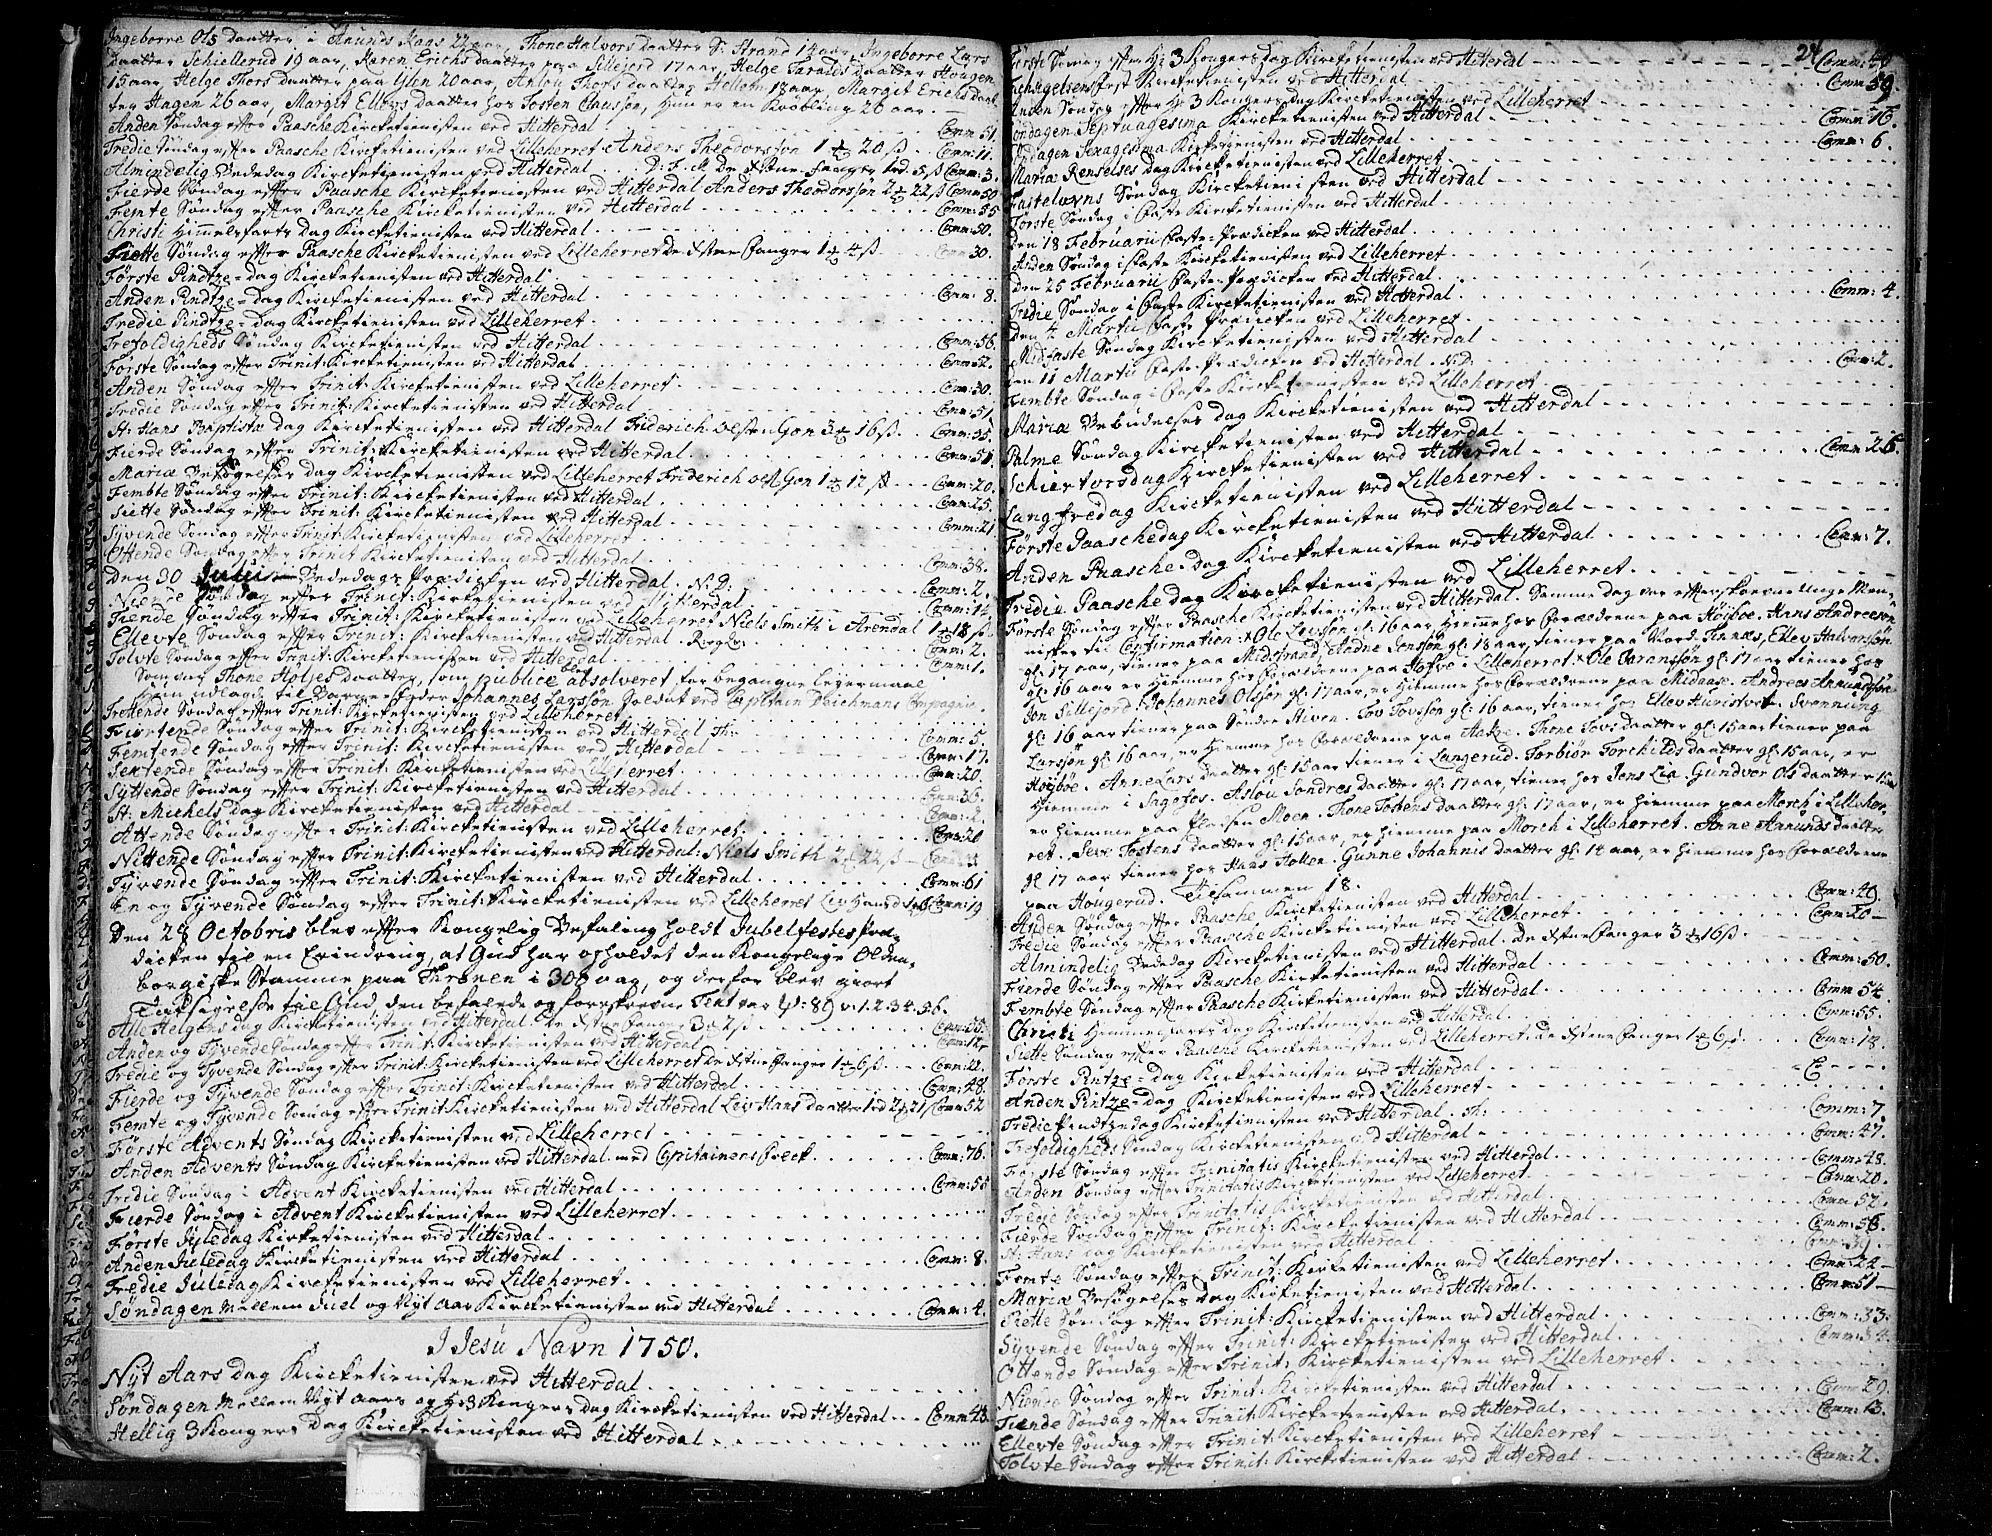 SAKO, Heddal kirkebøker, F/Fa/L0003: Ministerialbok nr. I 3, 1723-1783, s. 24